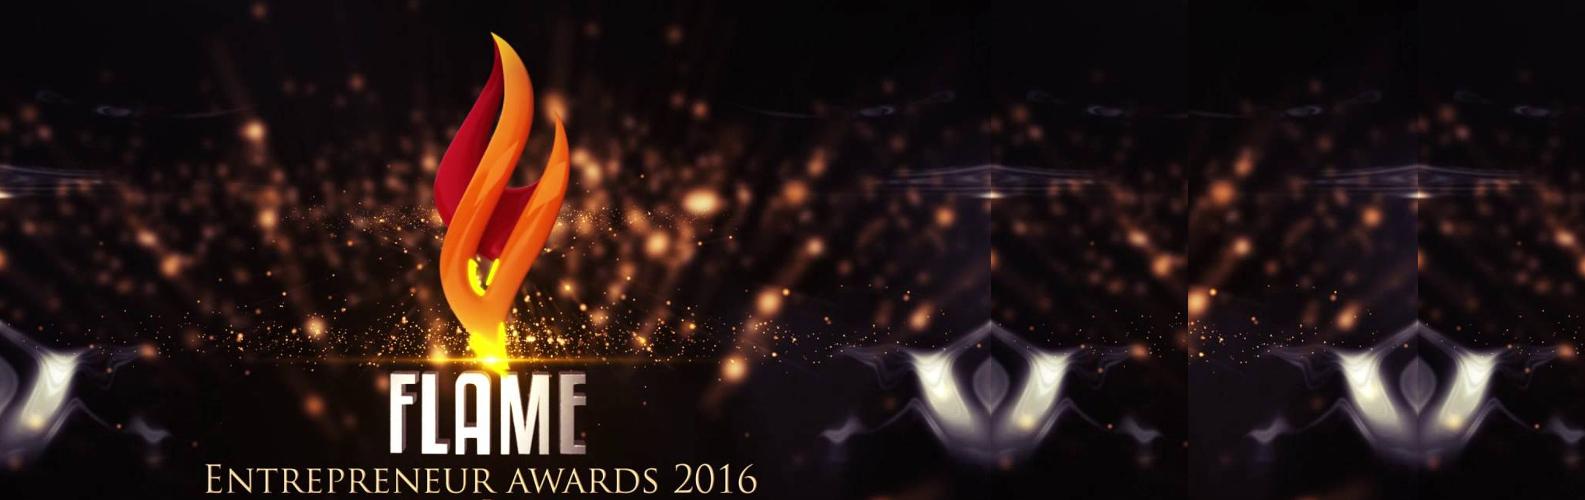 Flame_Award_2016_1585x500